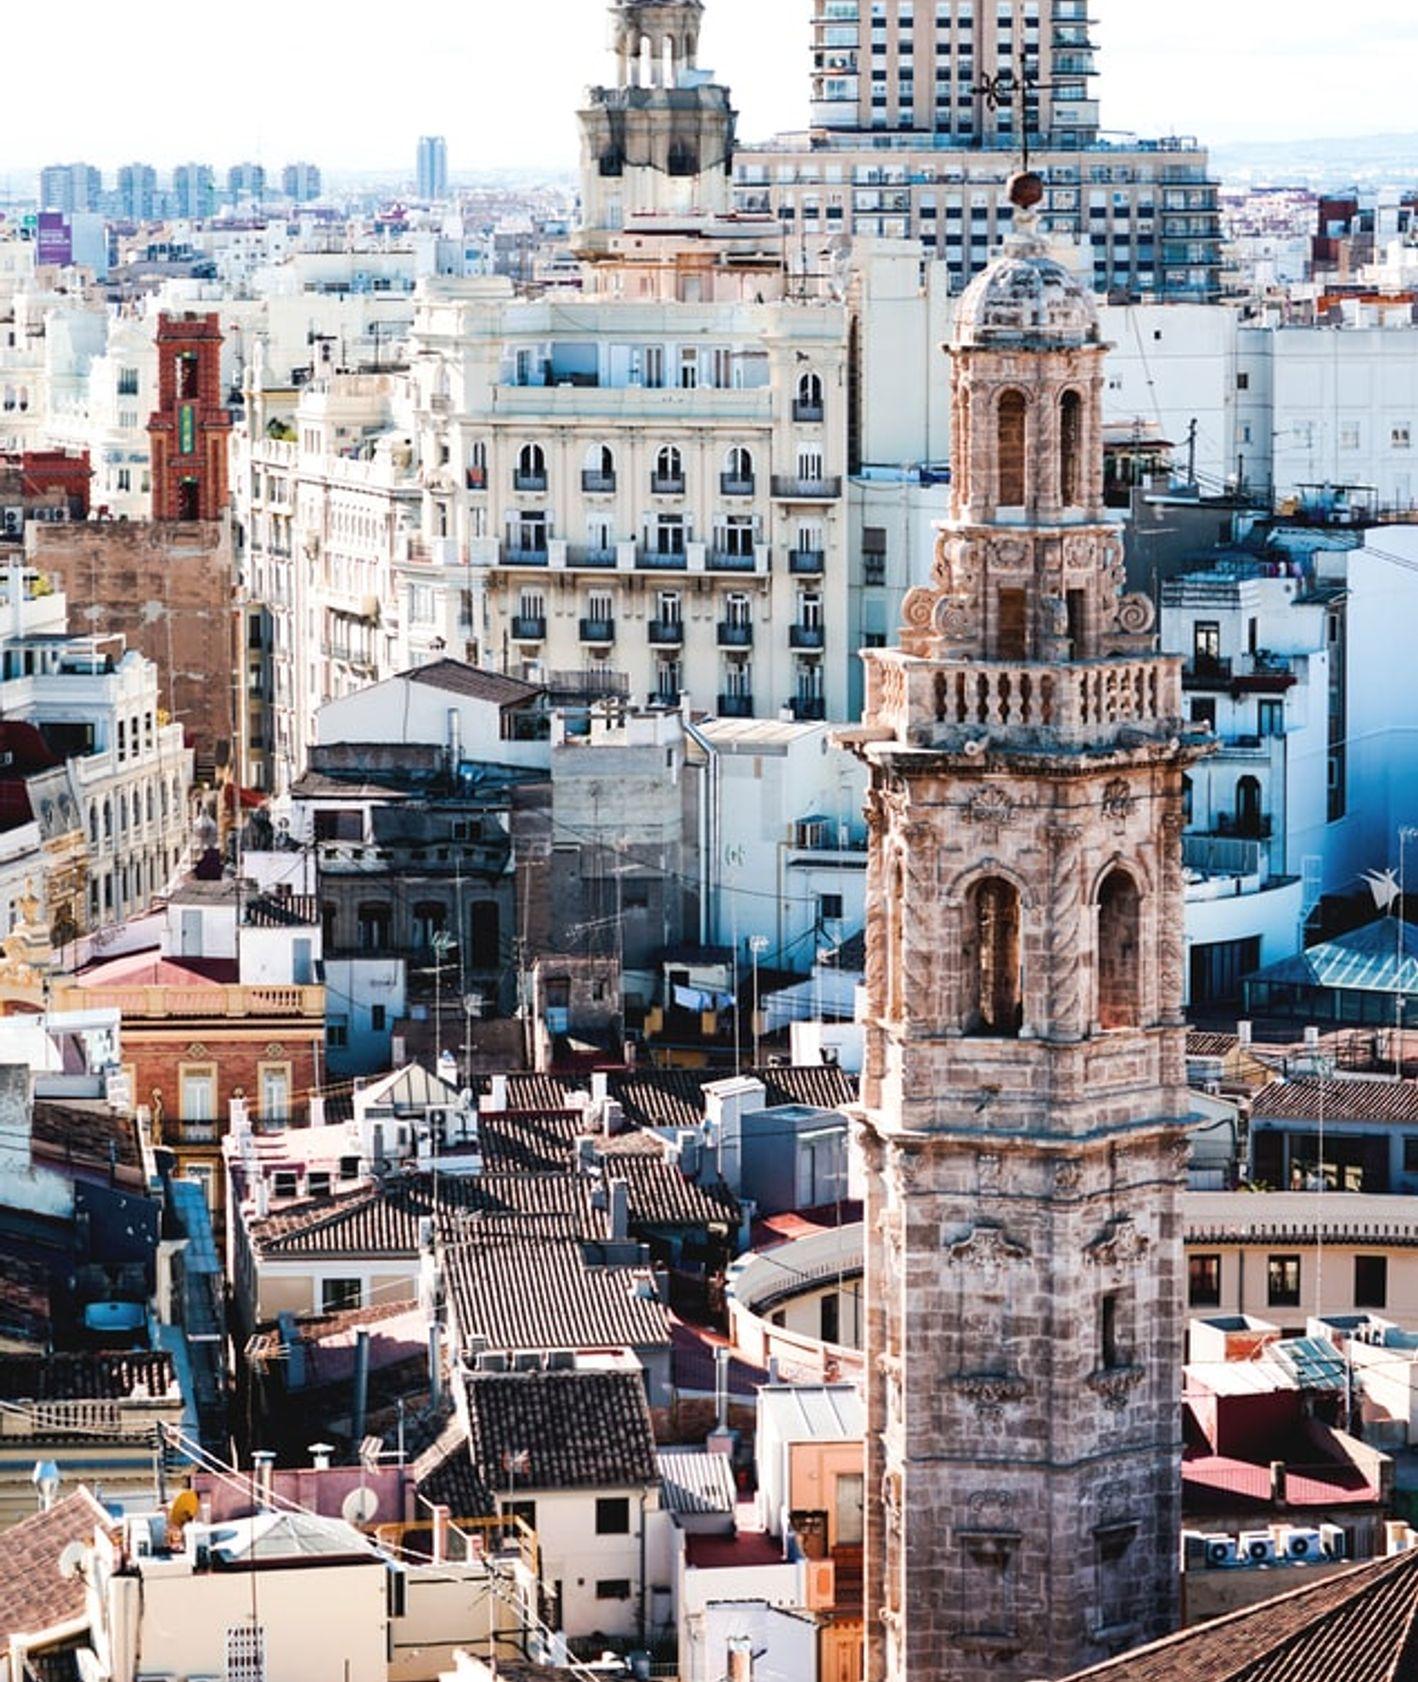 Walencja, widok miasta